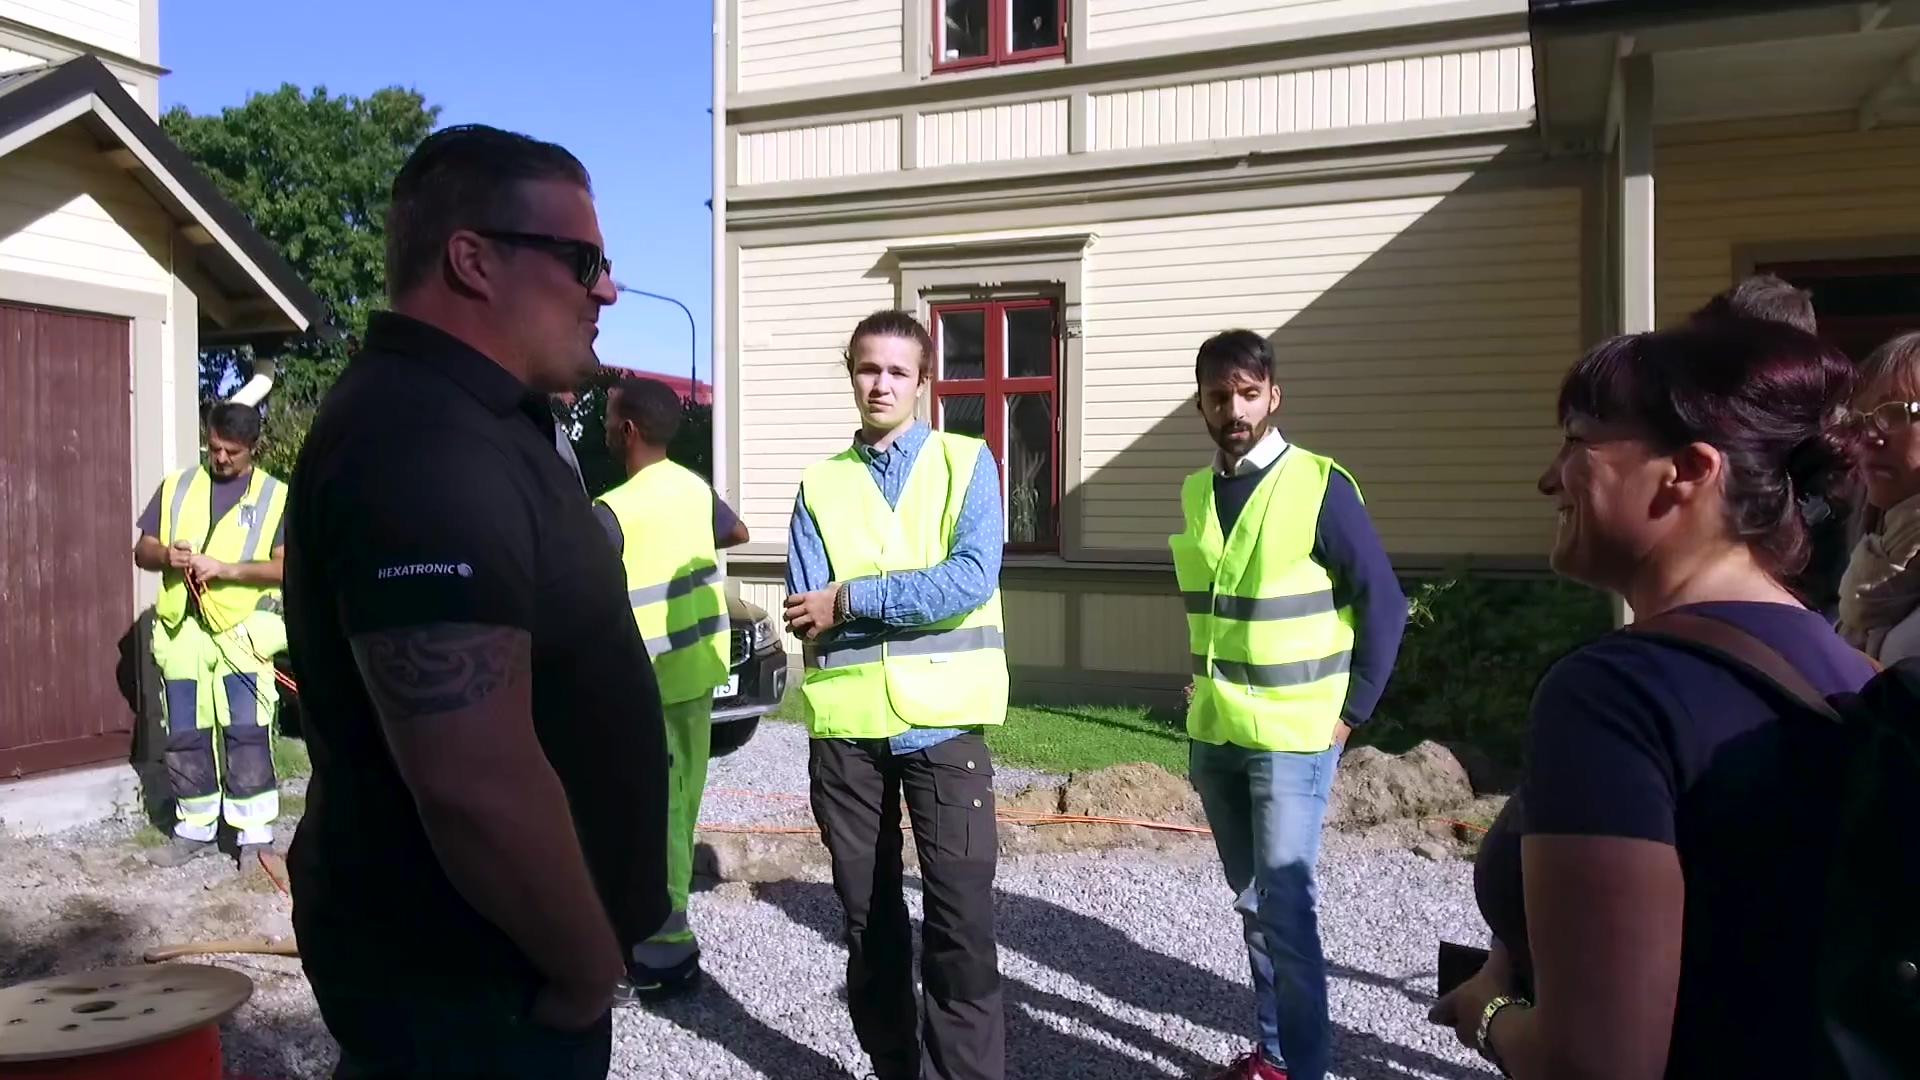 I Work Here – Krister Sundin (EN subtitles) (1)